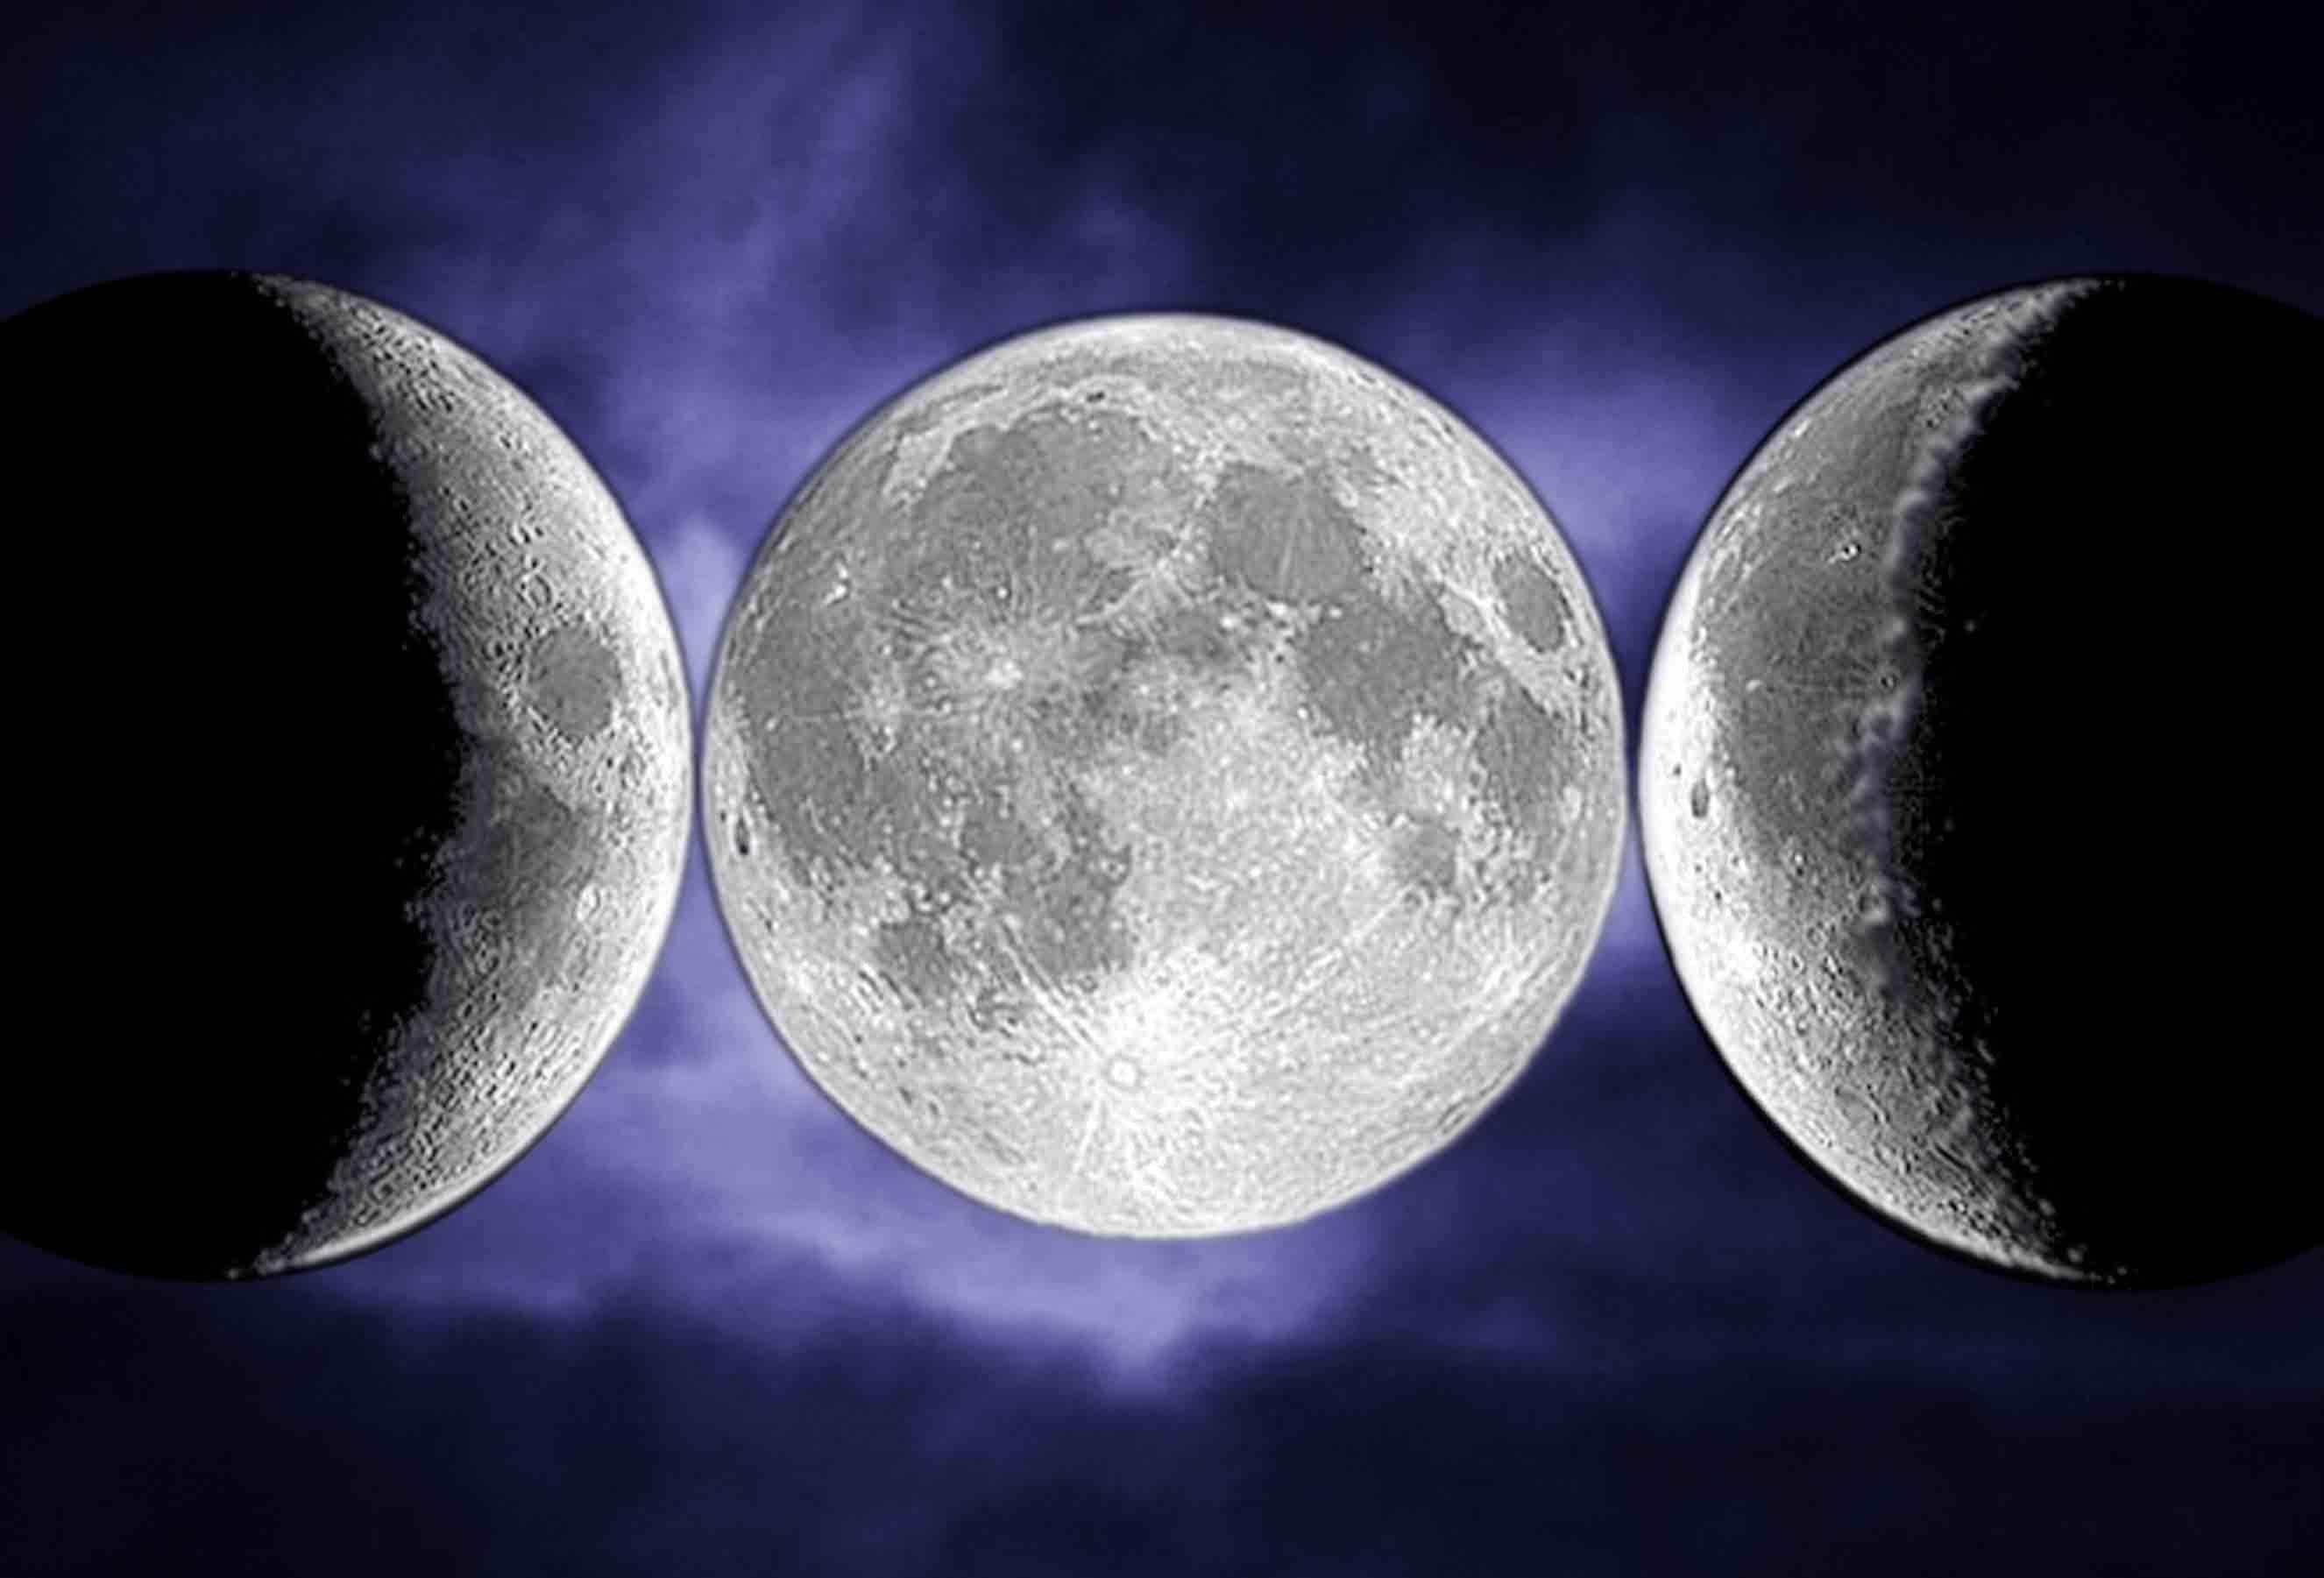 2652x1801 Full Moon Drawing Down The Moon Ritual